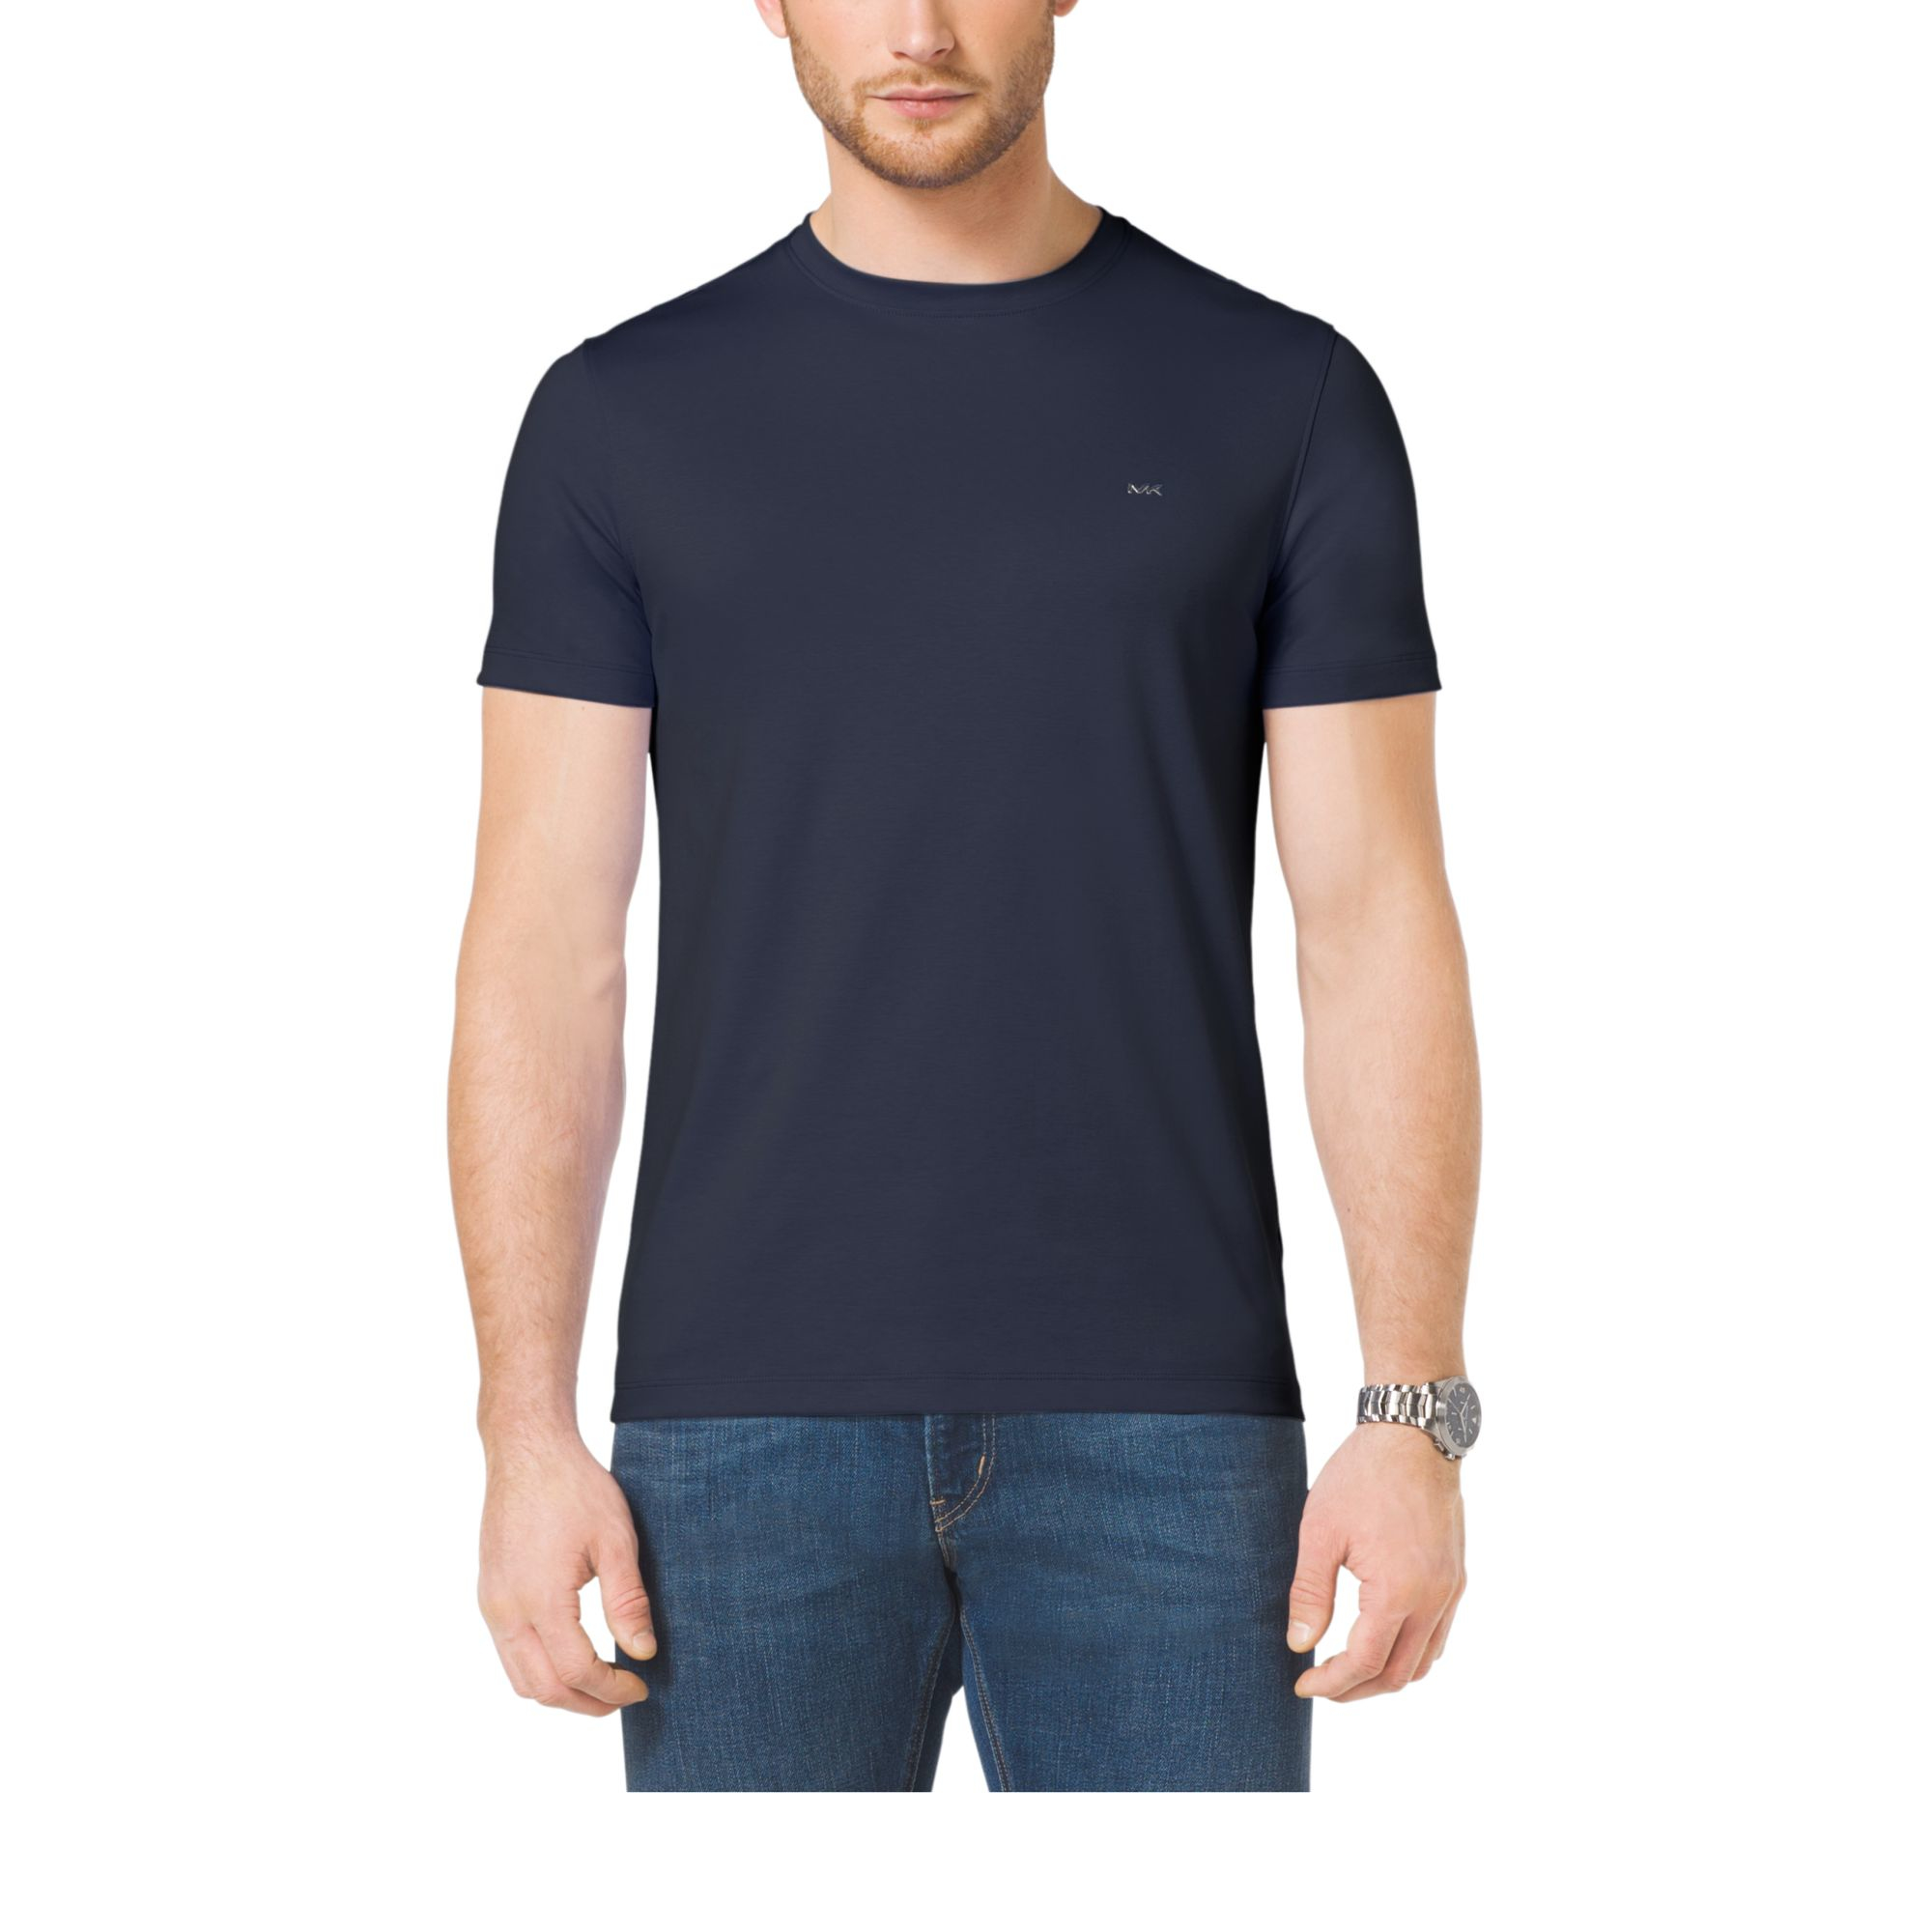 michael kors cotton crewneck t shirt in blue for men. Black Bedroom Furniture Sets. Home Design Ideas